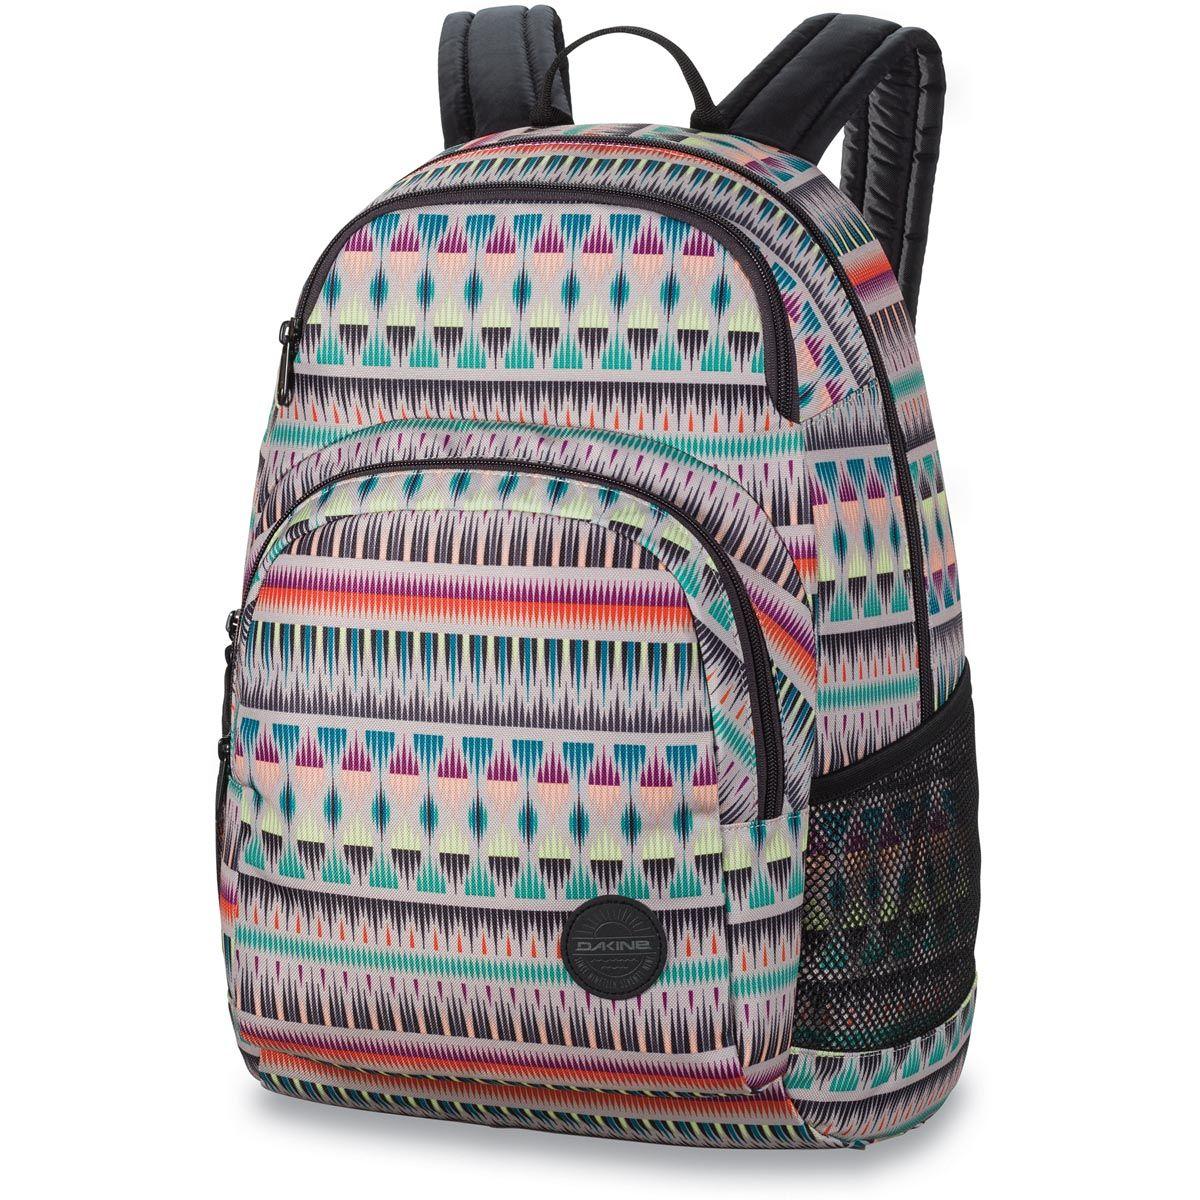 Der Geraumige Dakine Hana 26l Rucksack Ist Ein Praktischer Schulrucksack Fur Madls Der Sich Mit Einem Reissverschluss Ganz Praktisch Offnen Backpacks Bags Fashion